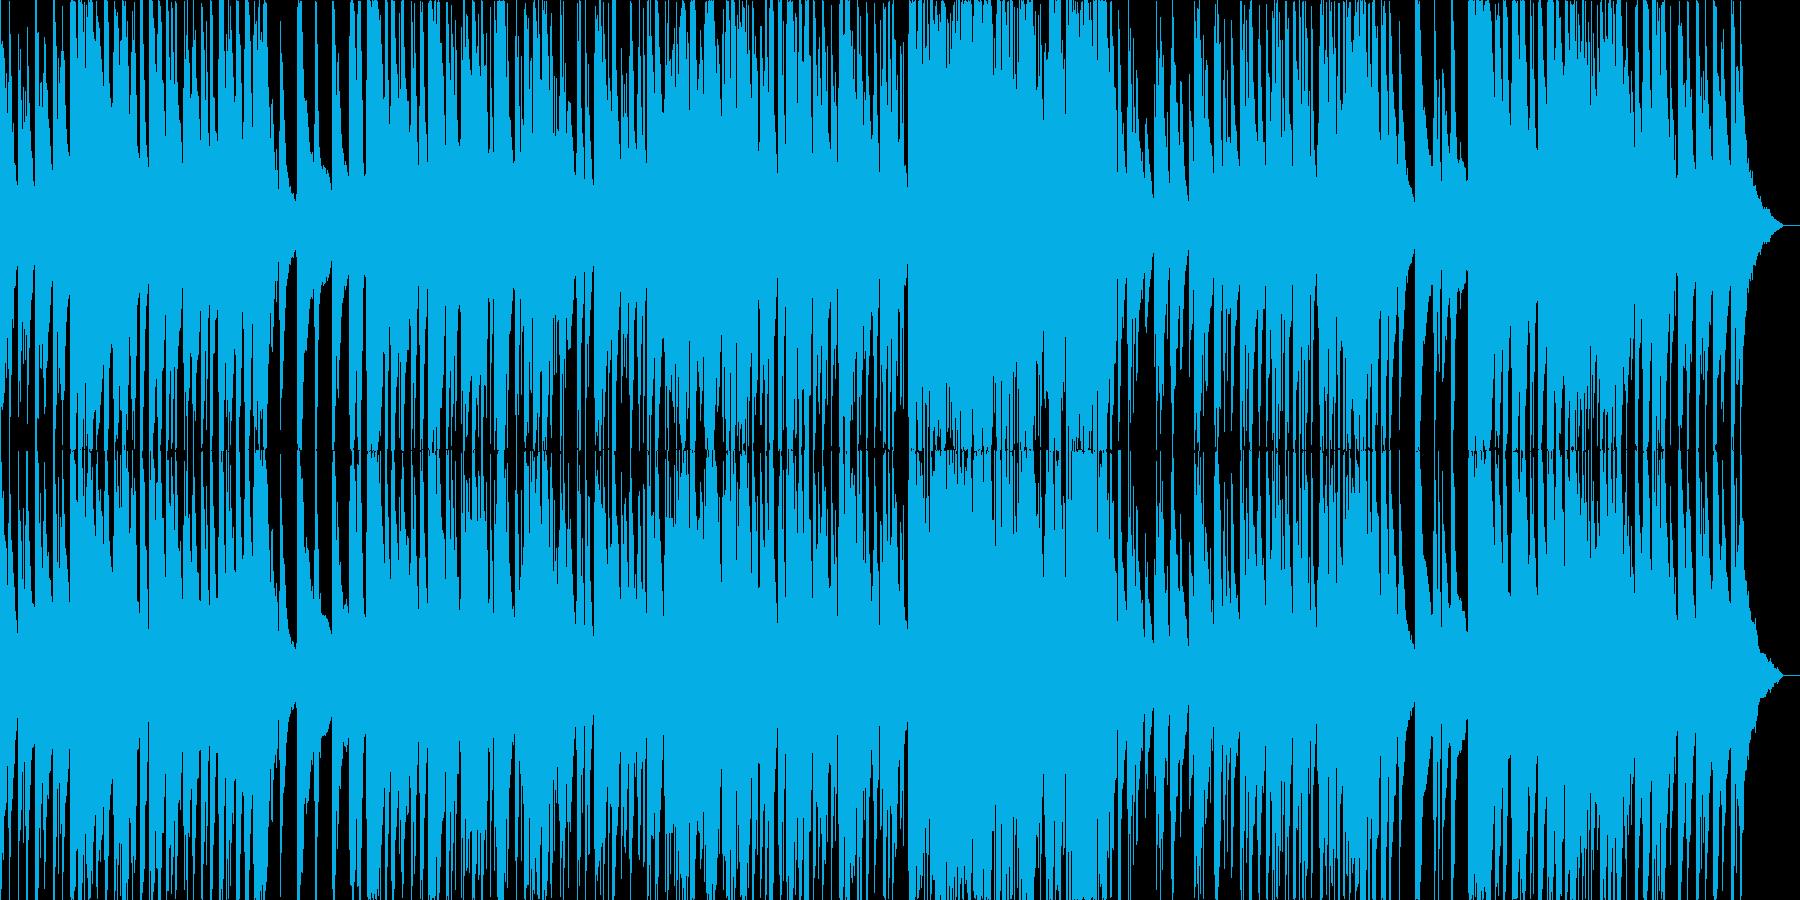 哀愁漂うピアノジャズ(オリジナル曲)の再生済みの波形